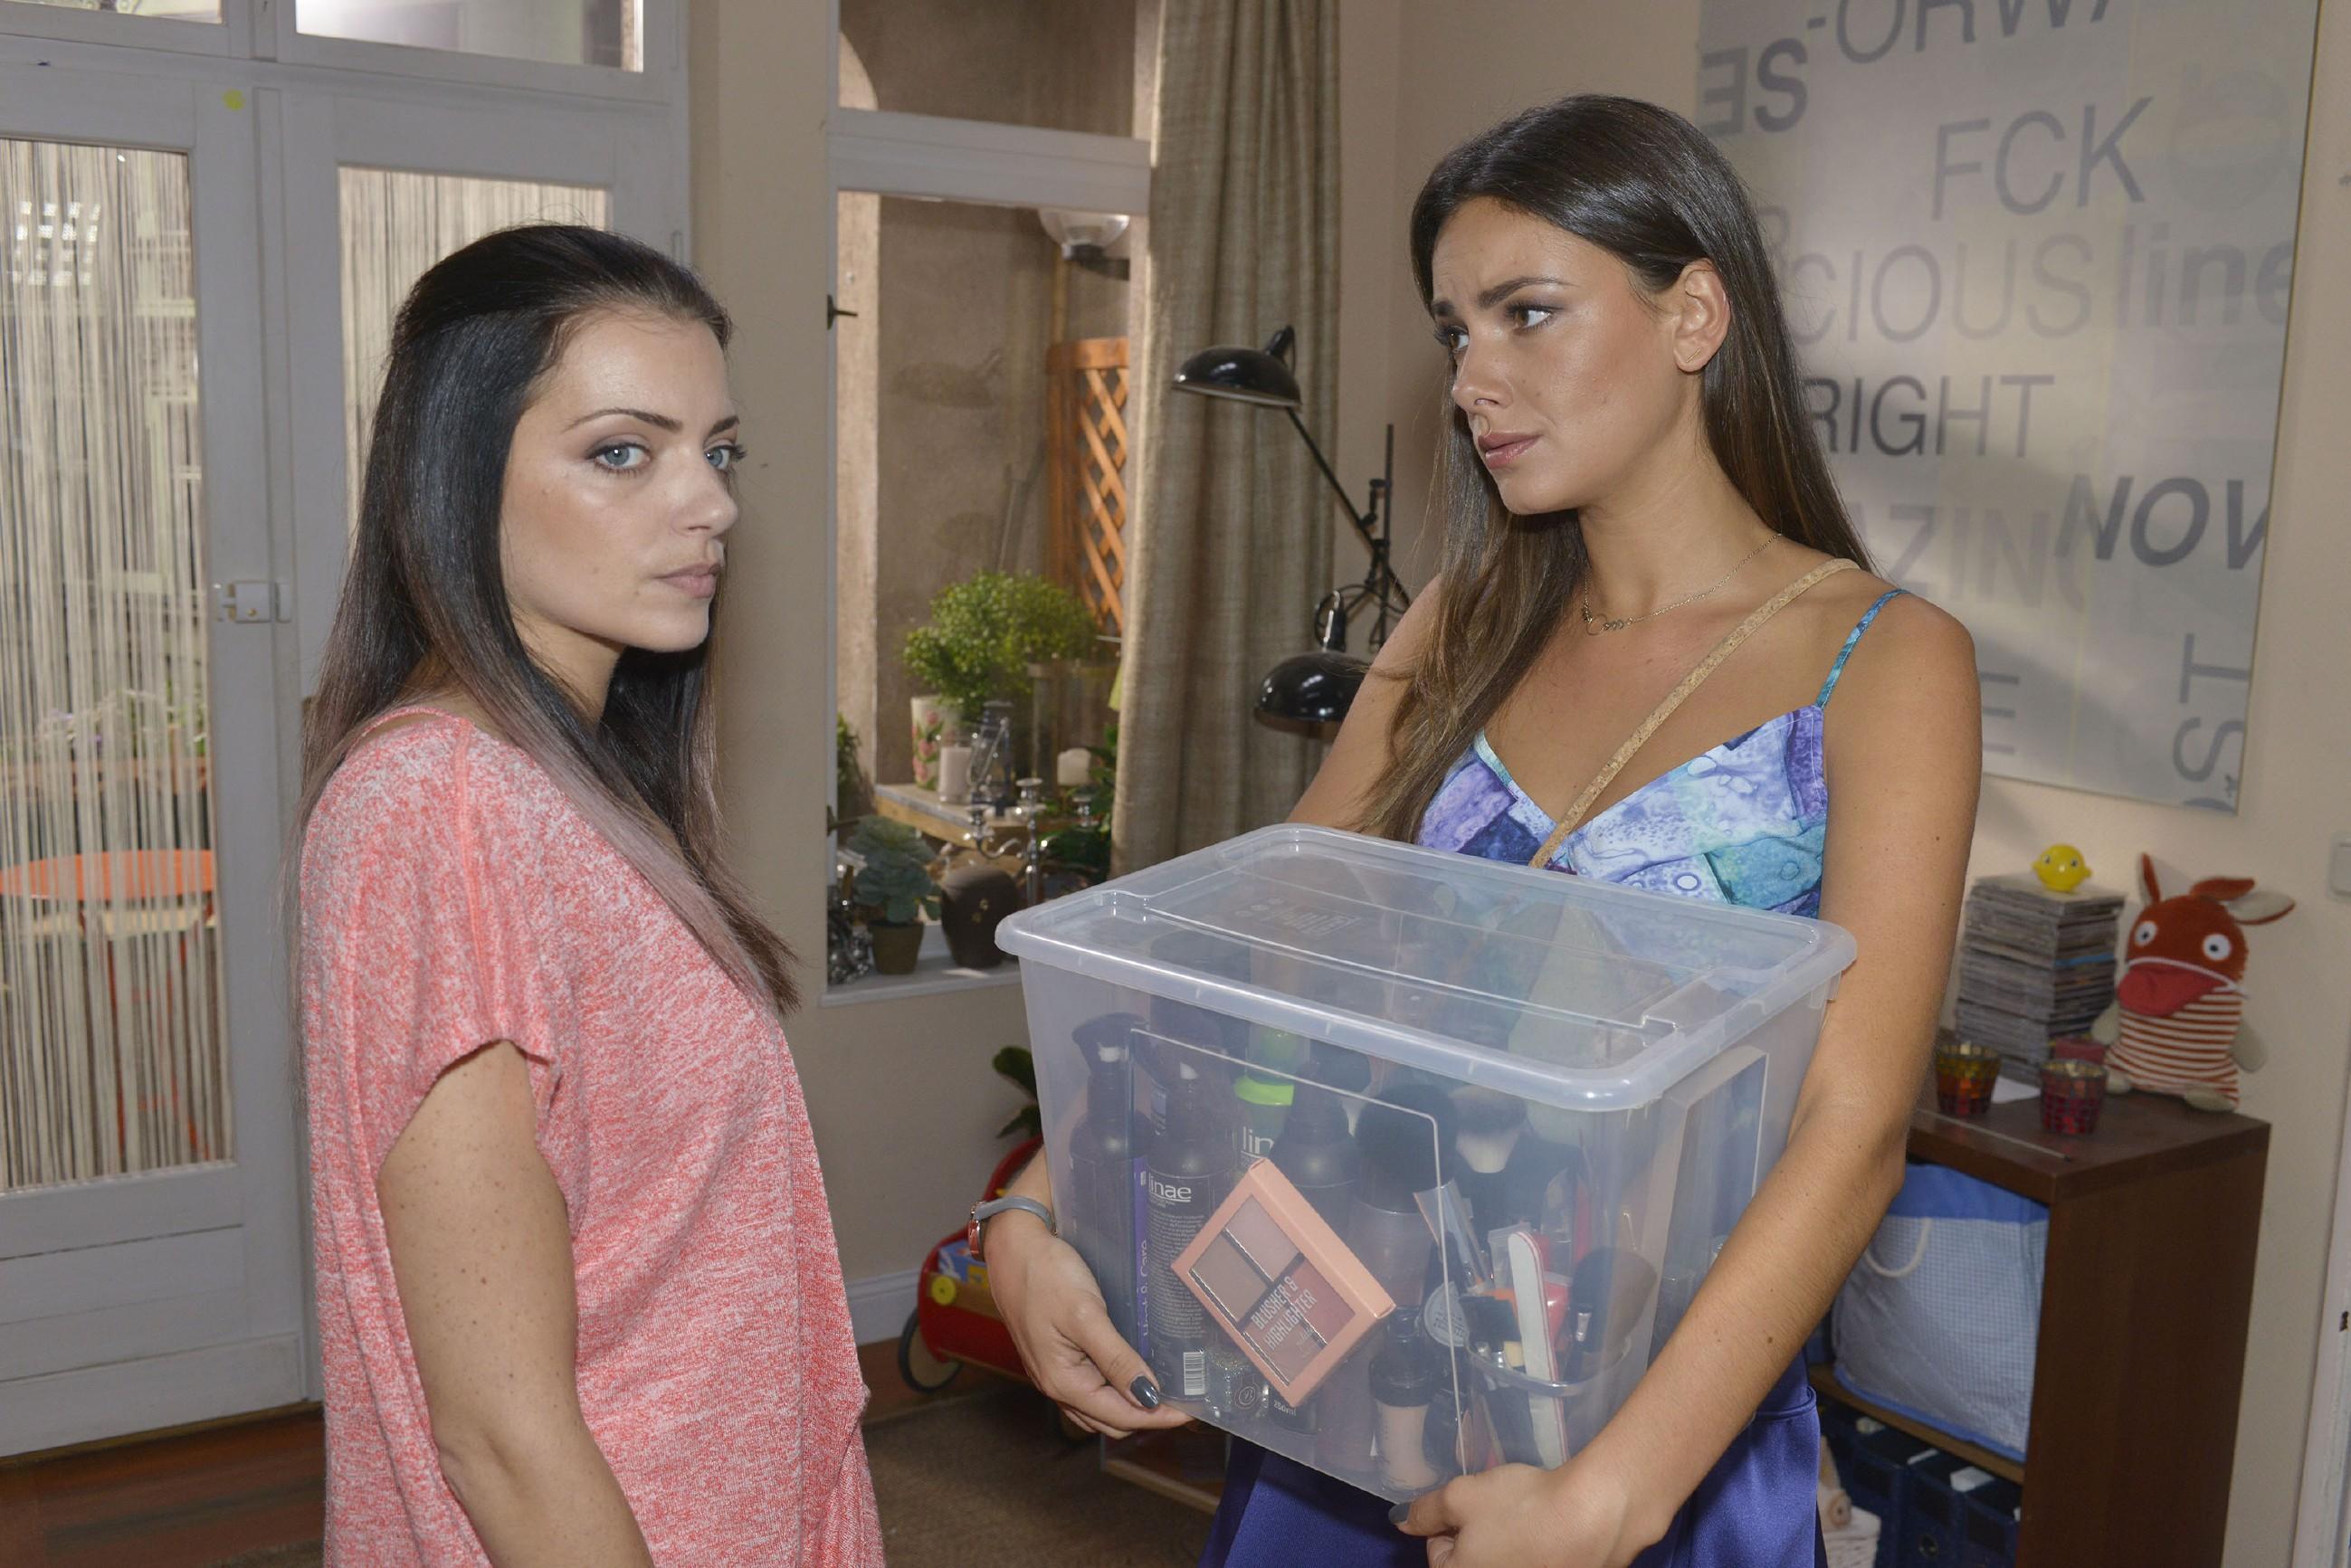 Als Jasmin (Janina Uhse, r.) merkt, was wirklich hinter Emilys (Anne Menden) schlechter Laune steckt, versucht sie ihre Freundin aufzubauen.